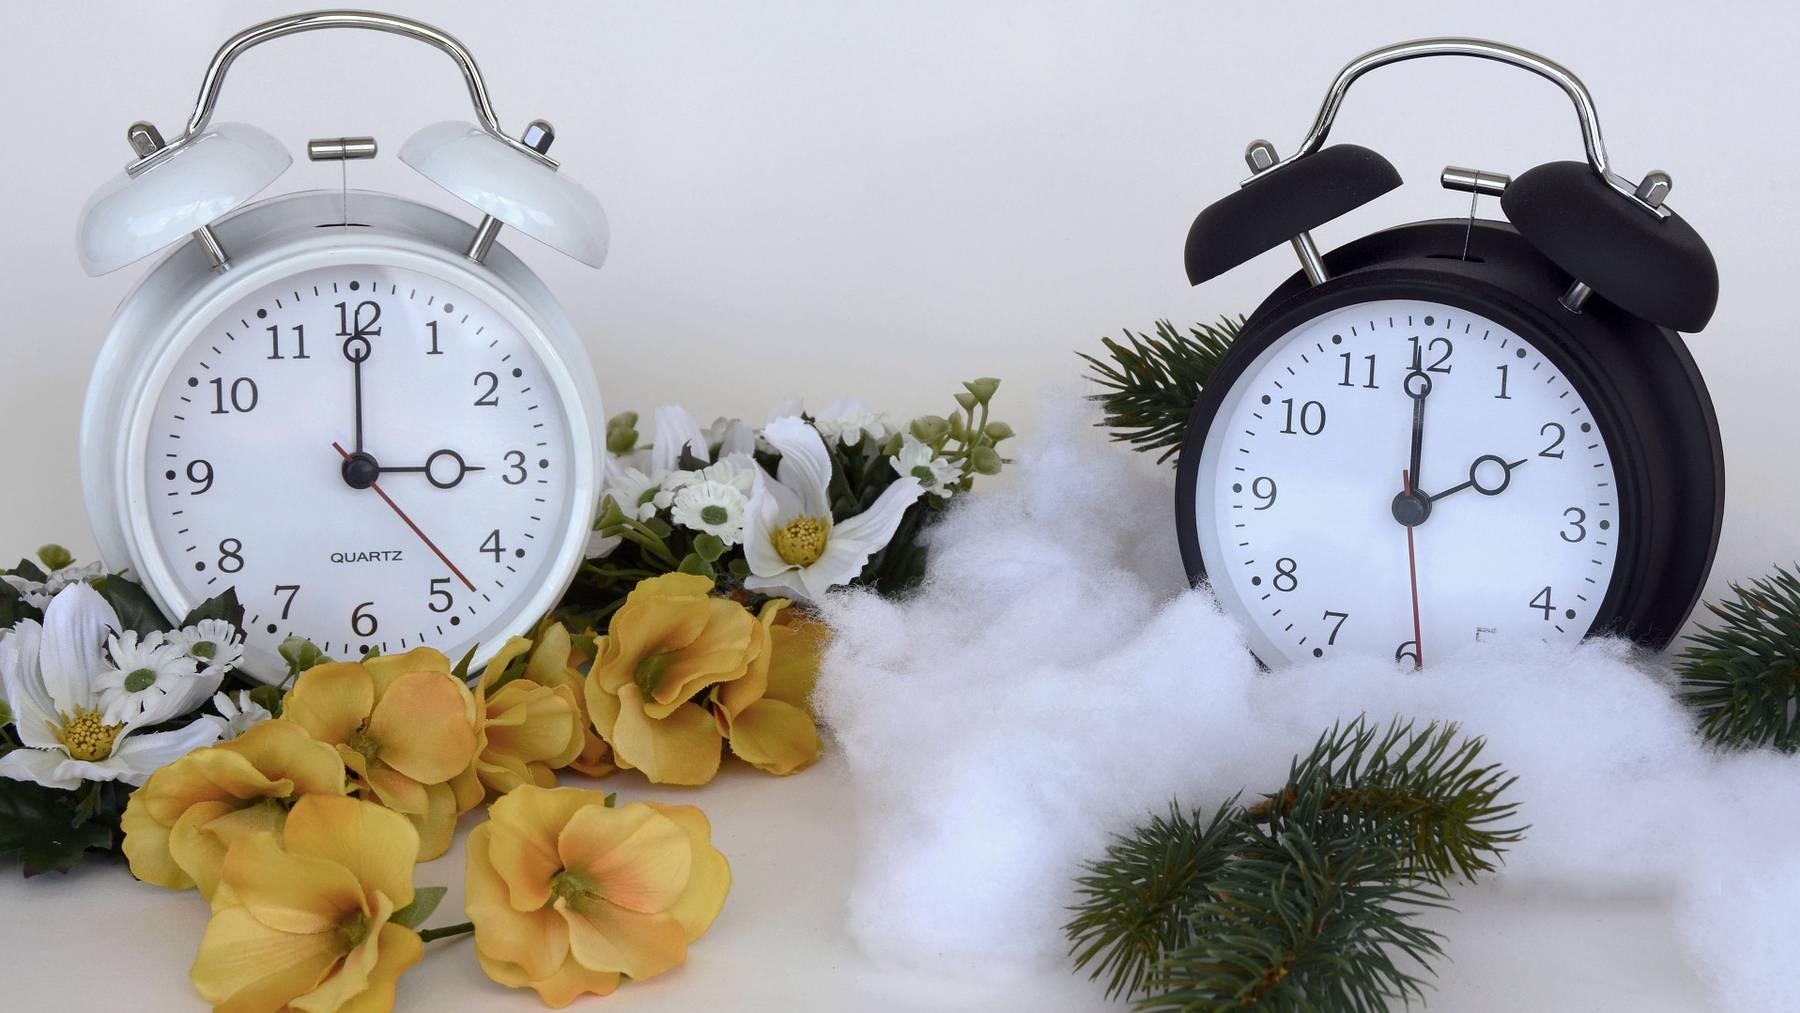 Zeitumstellung Uhren Saison